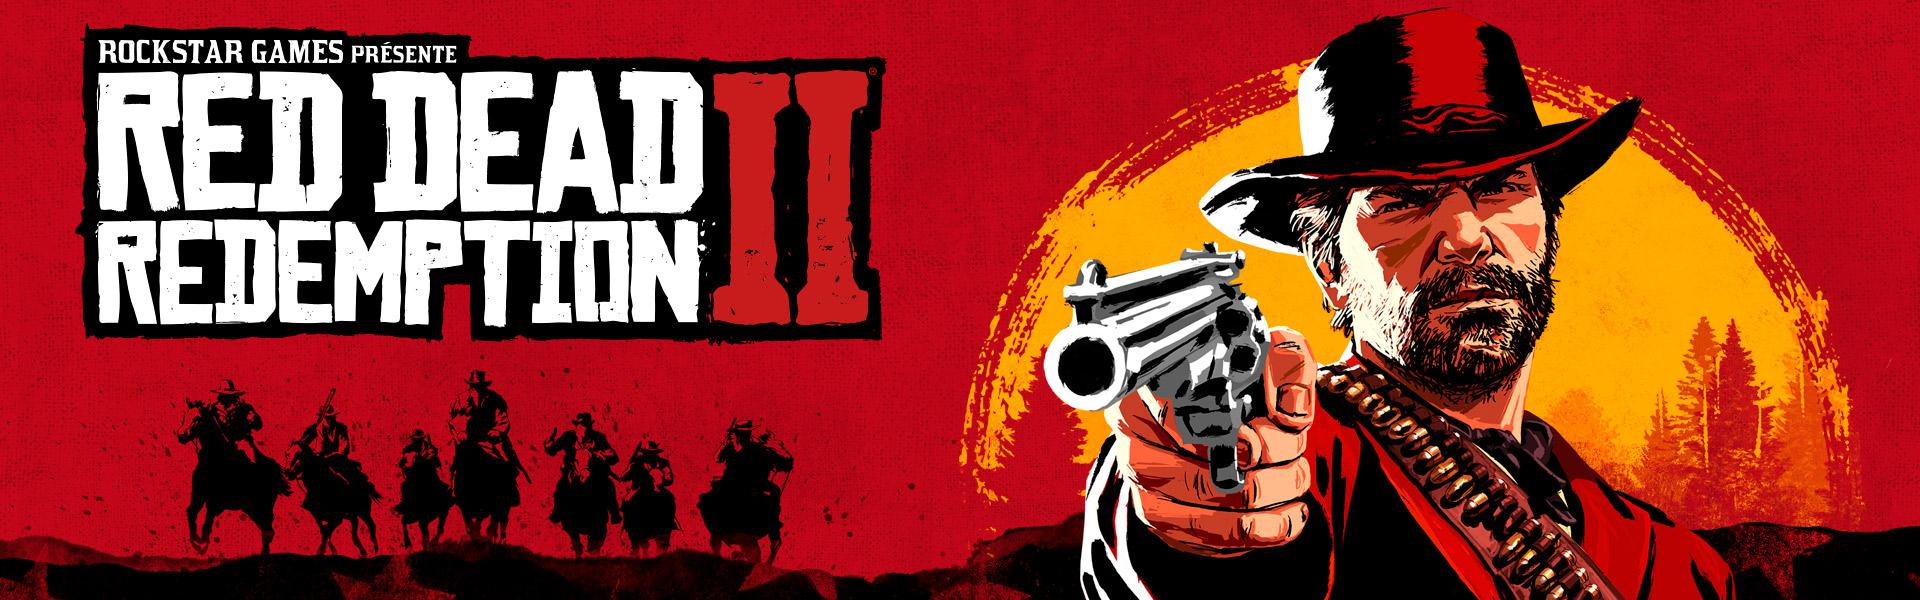 Rockstar Games présente Red Dead Redemption2, dessin d'Arthur Morgan pointant un revolver avec le crépuscule en arrière-plan